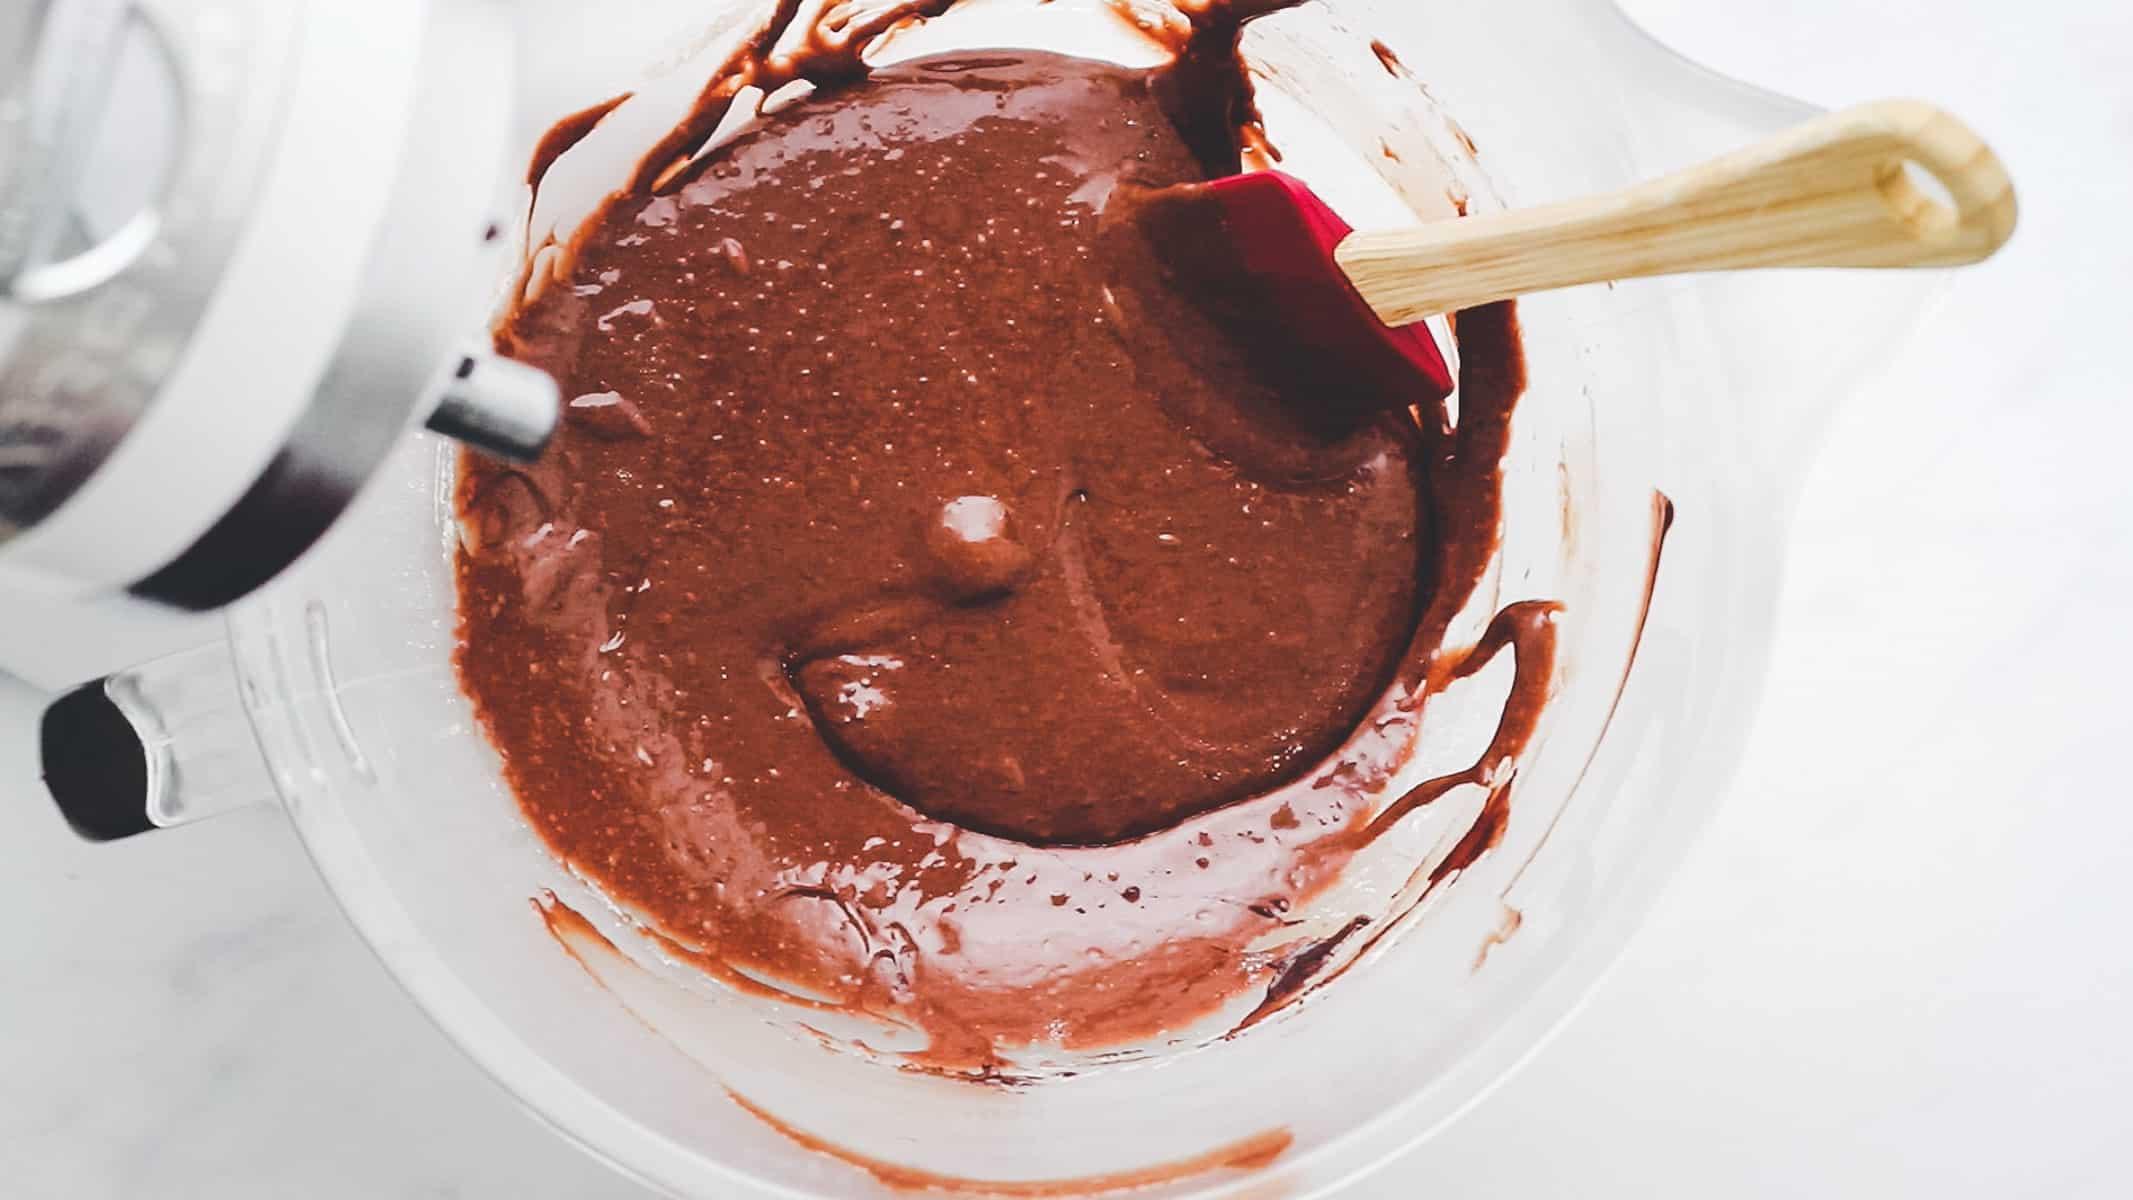 recipe step 4